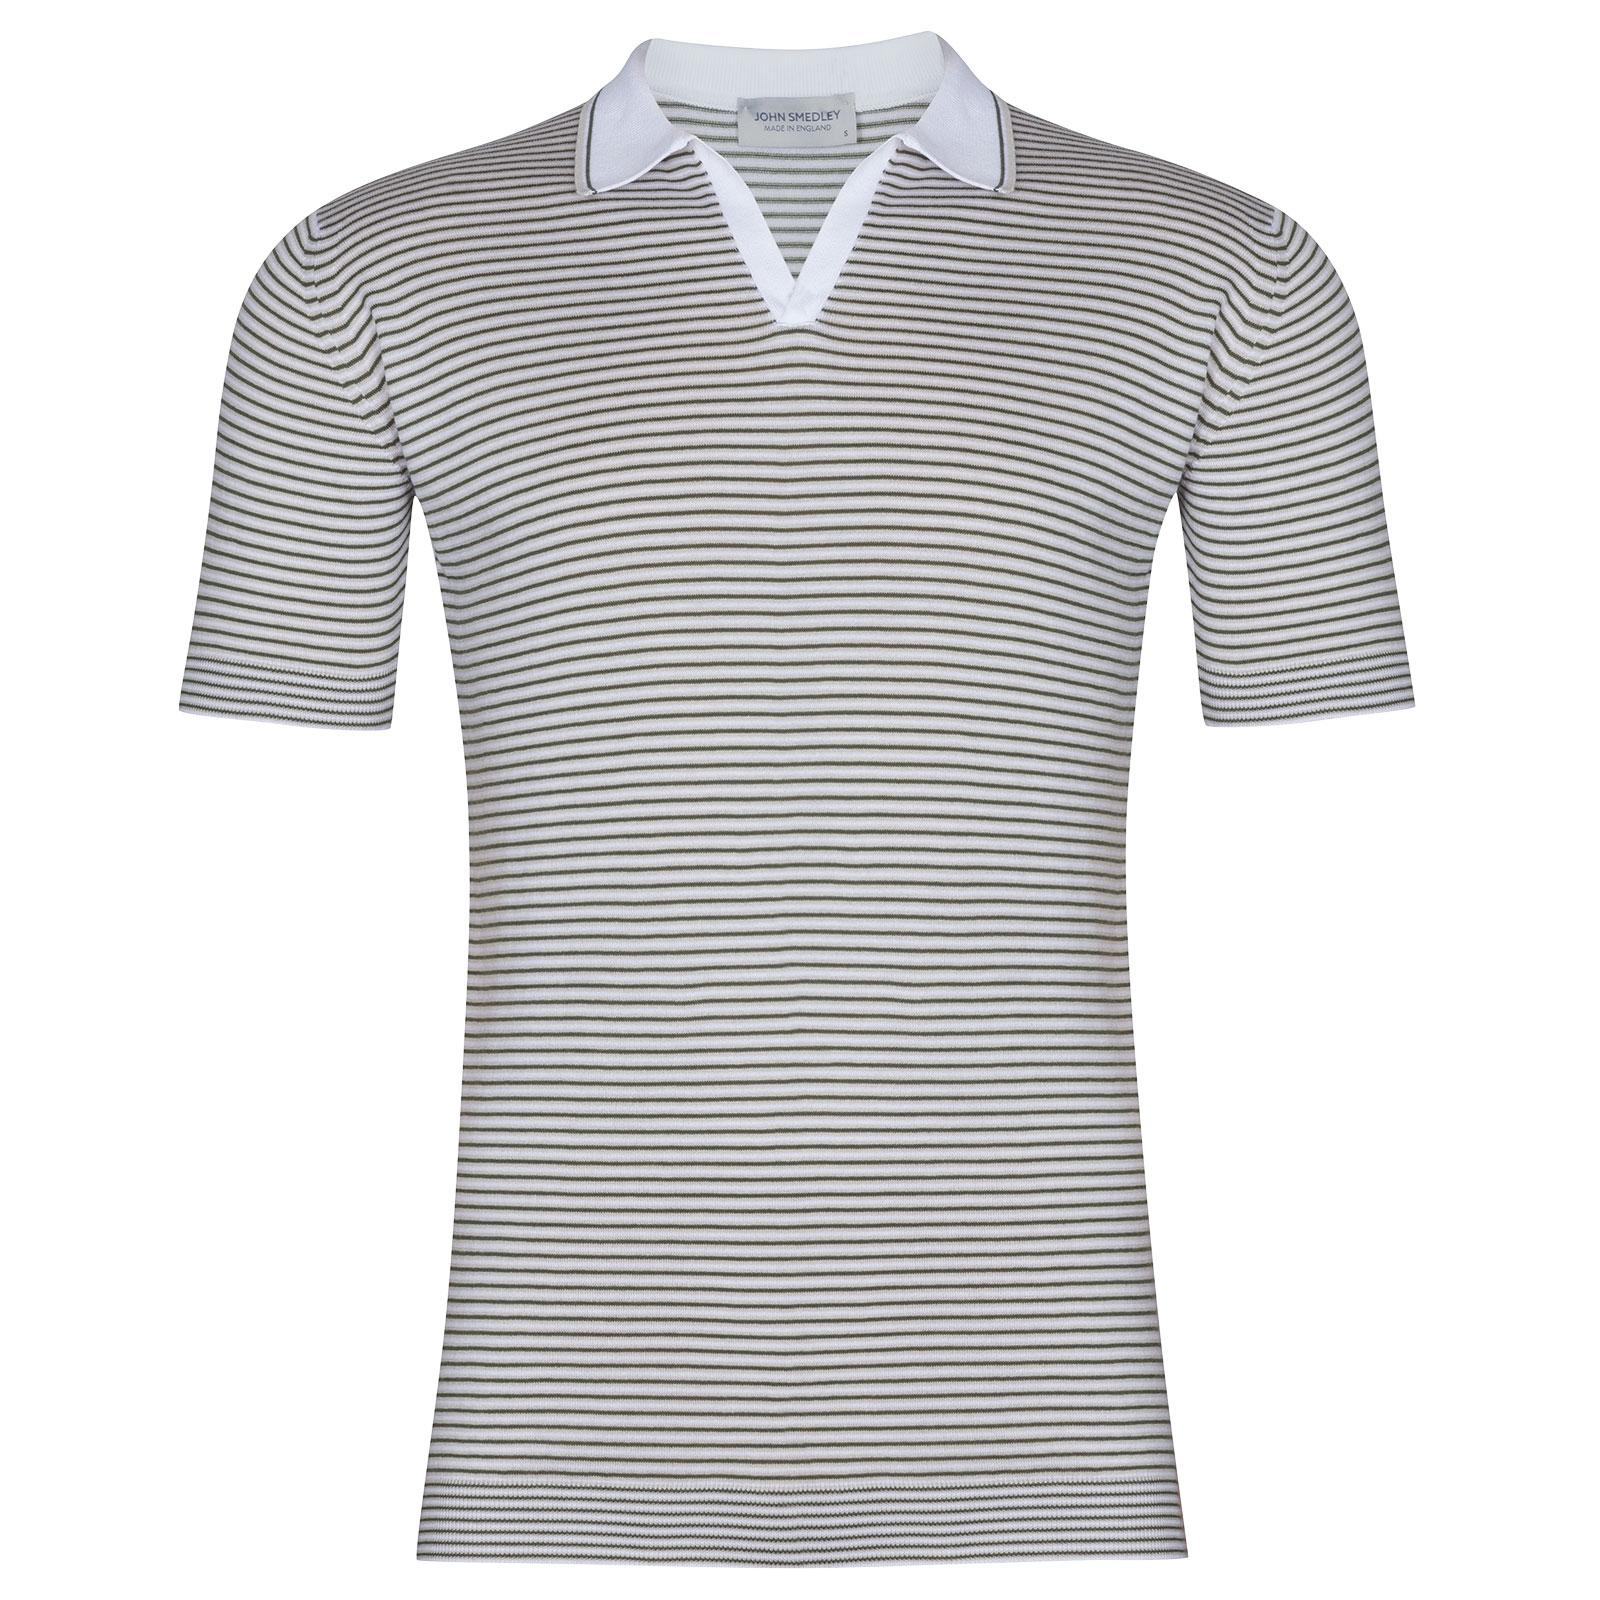 John Smedley Garin in White Shirt-LGE